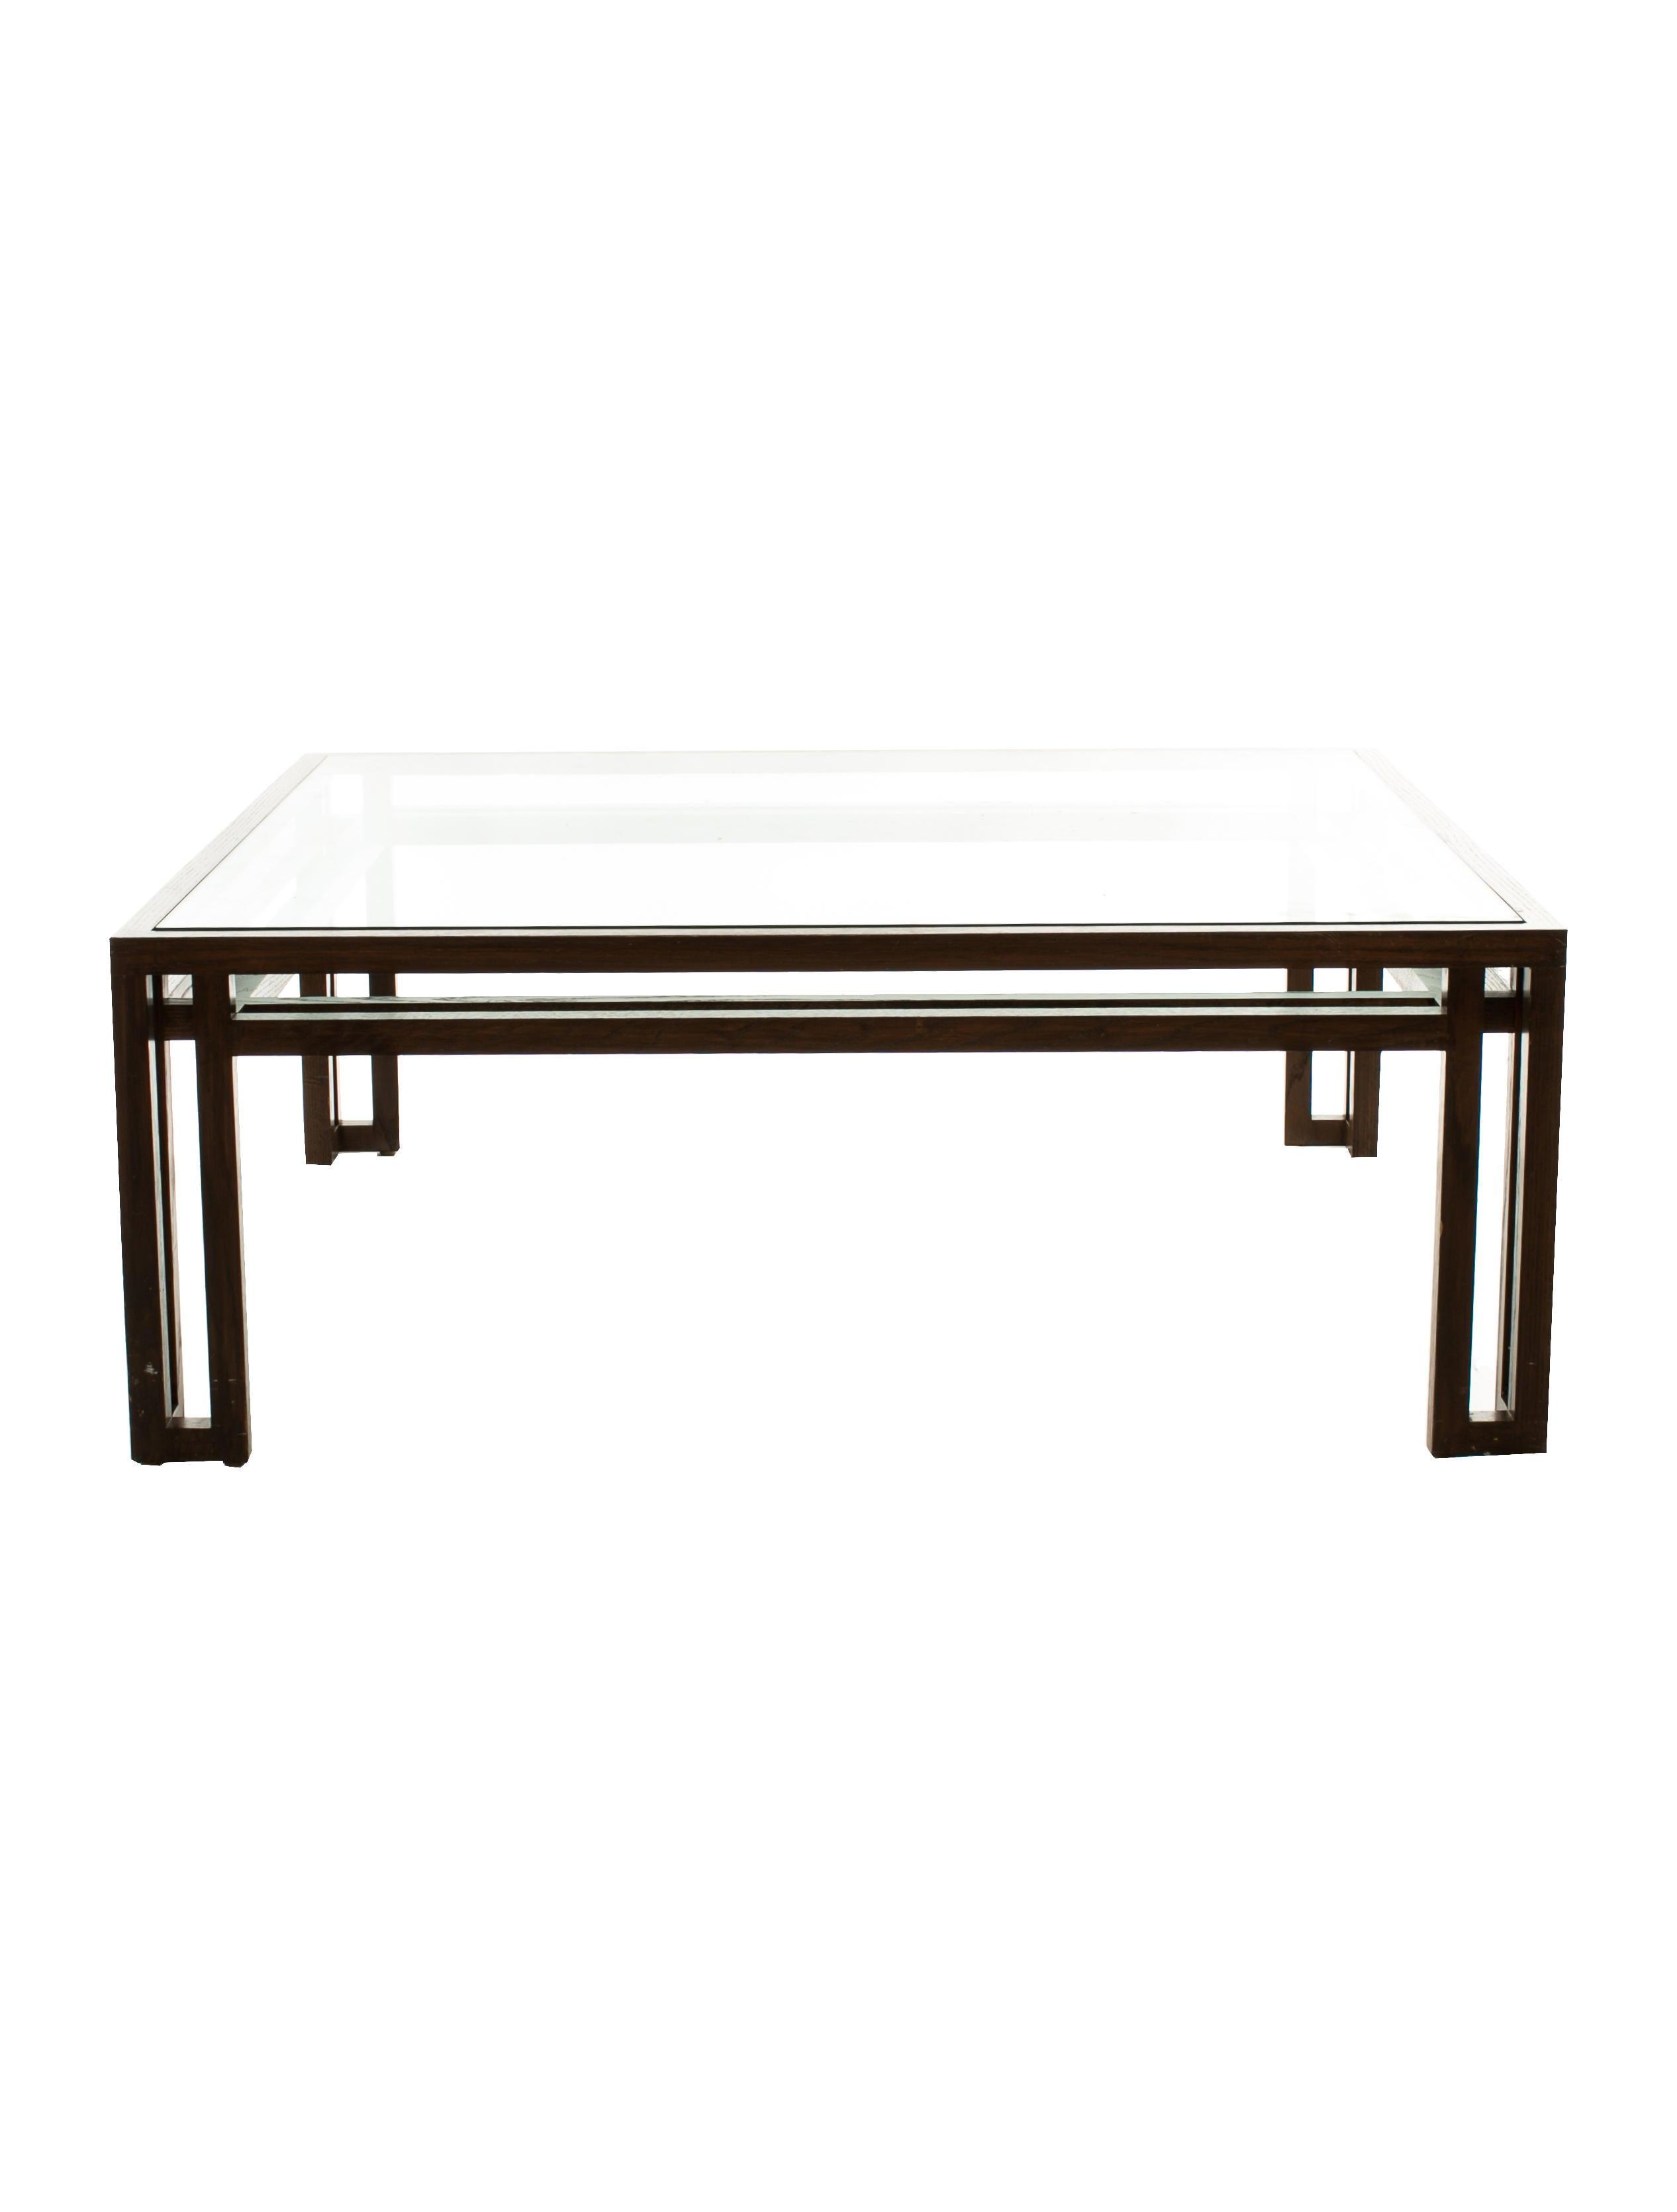 Billy Baldwin Coffee Table Furniture COFFE